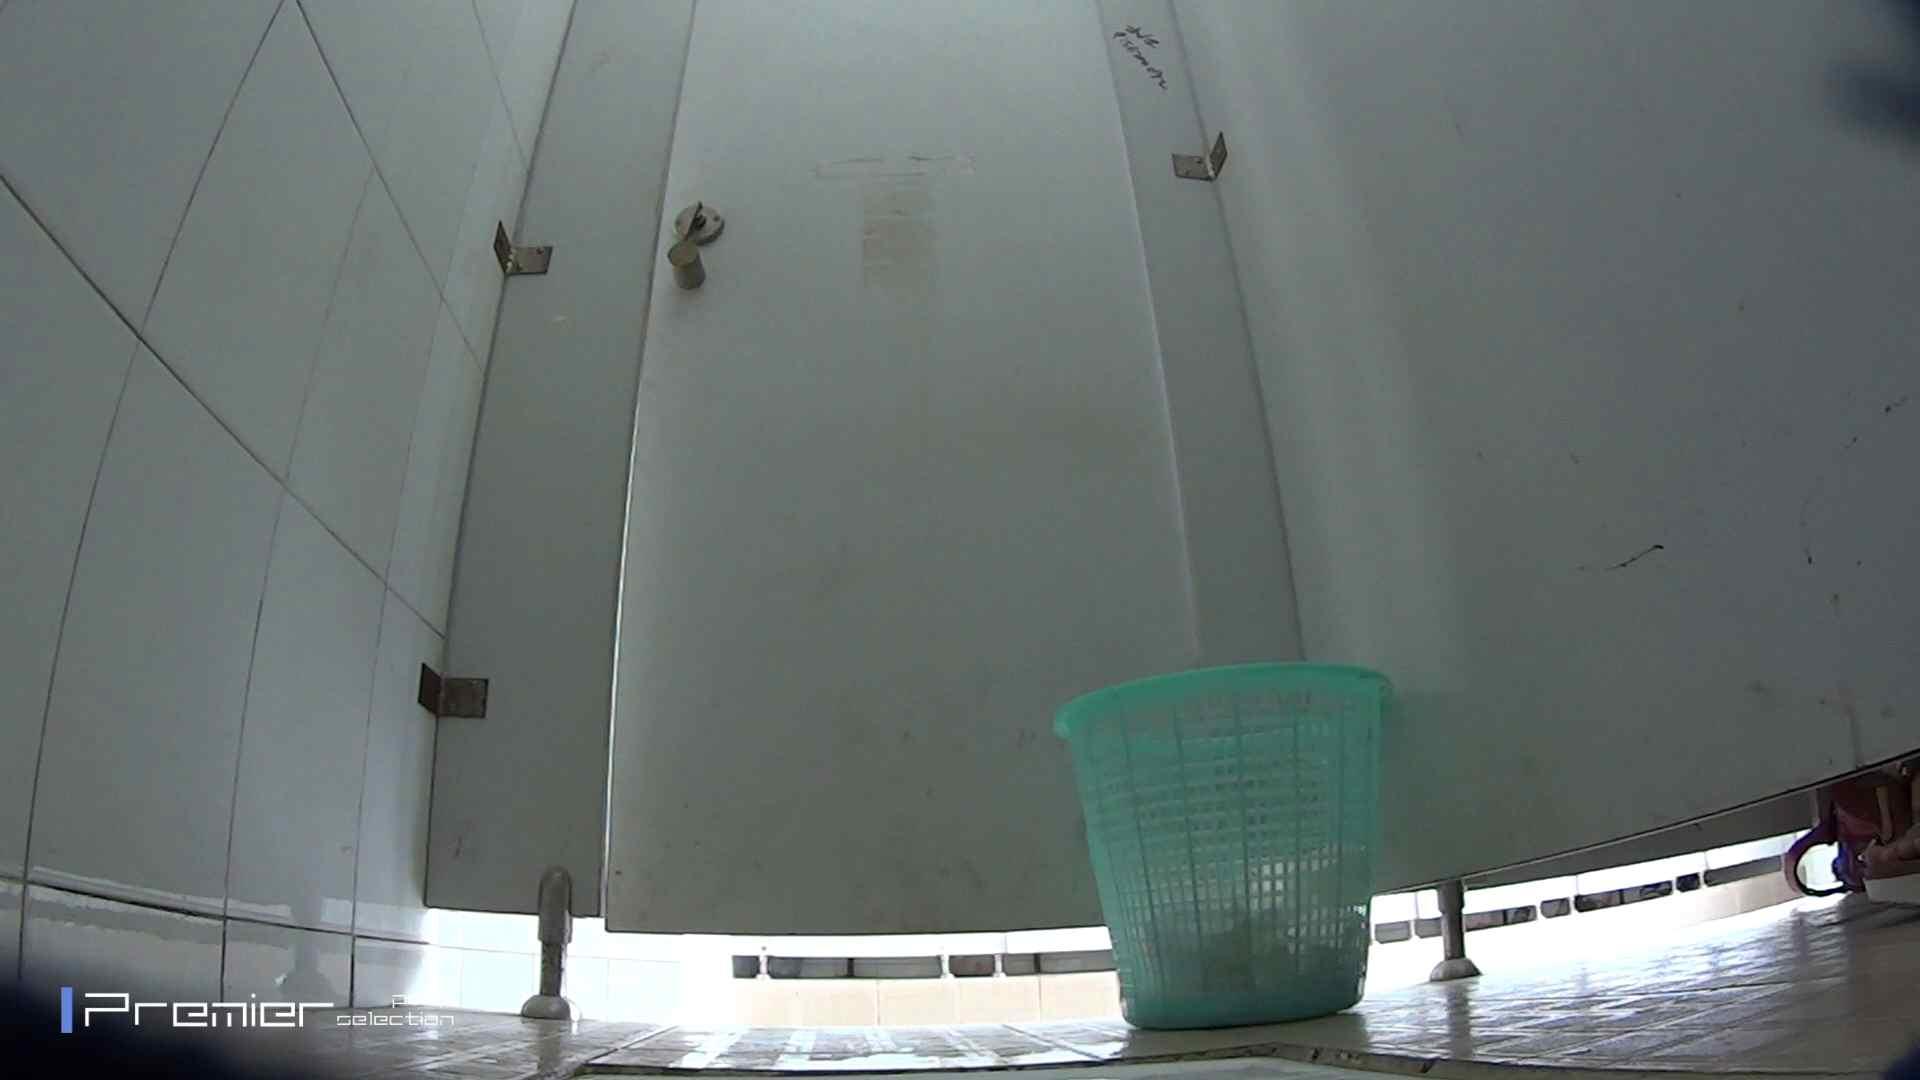 美しい女良たちのトイレ事情 有名大学休憩時間の洗面所事情06 高画質 オマンコ無修正動画無料 56画像 31